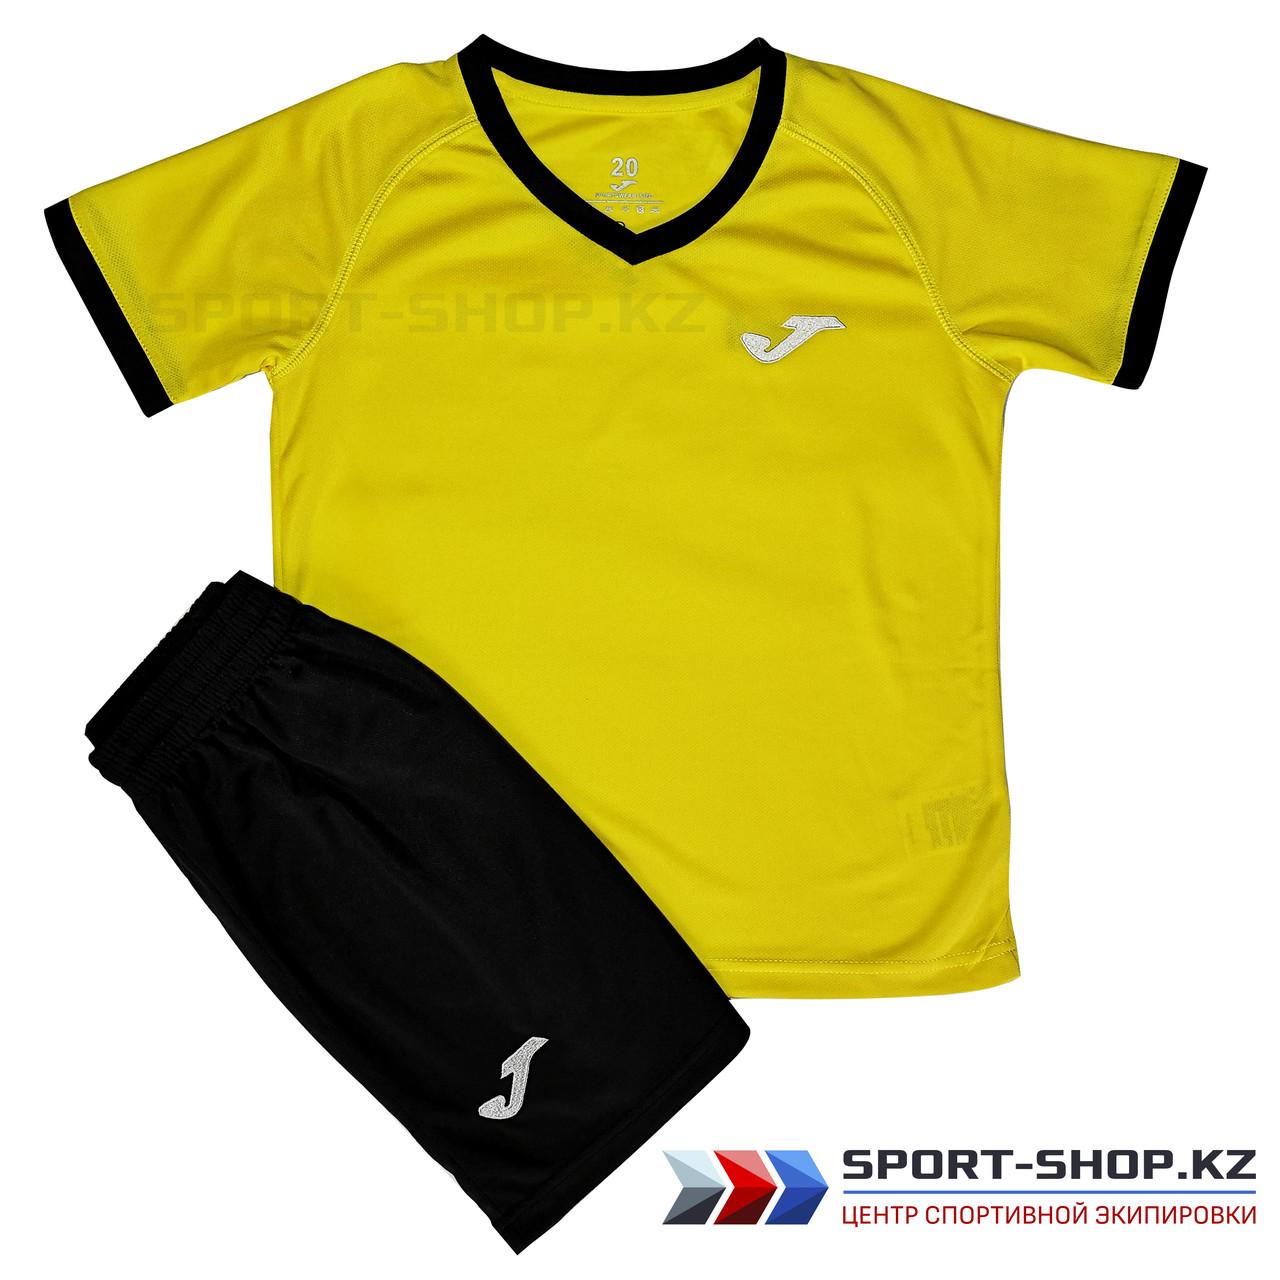 Детская футбольная форма-оригинал (Нейтральная) JOMA